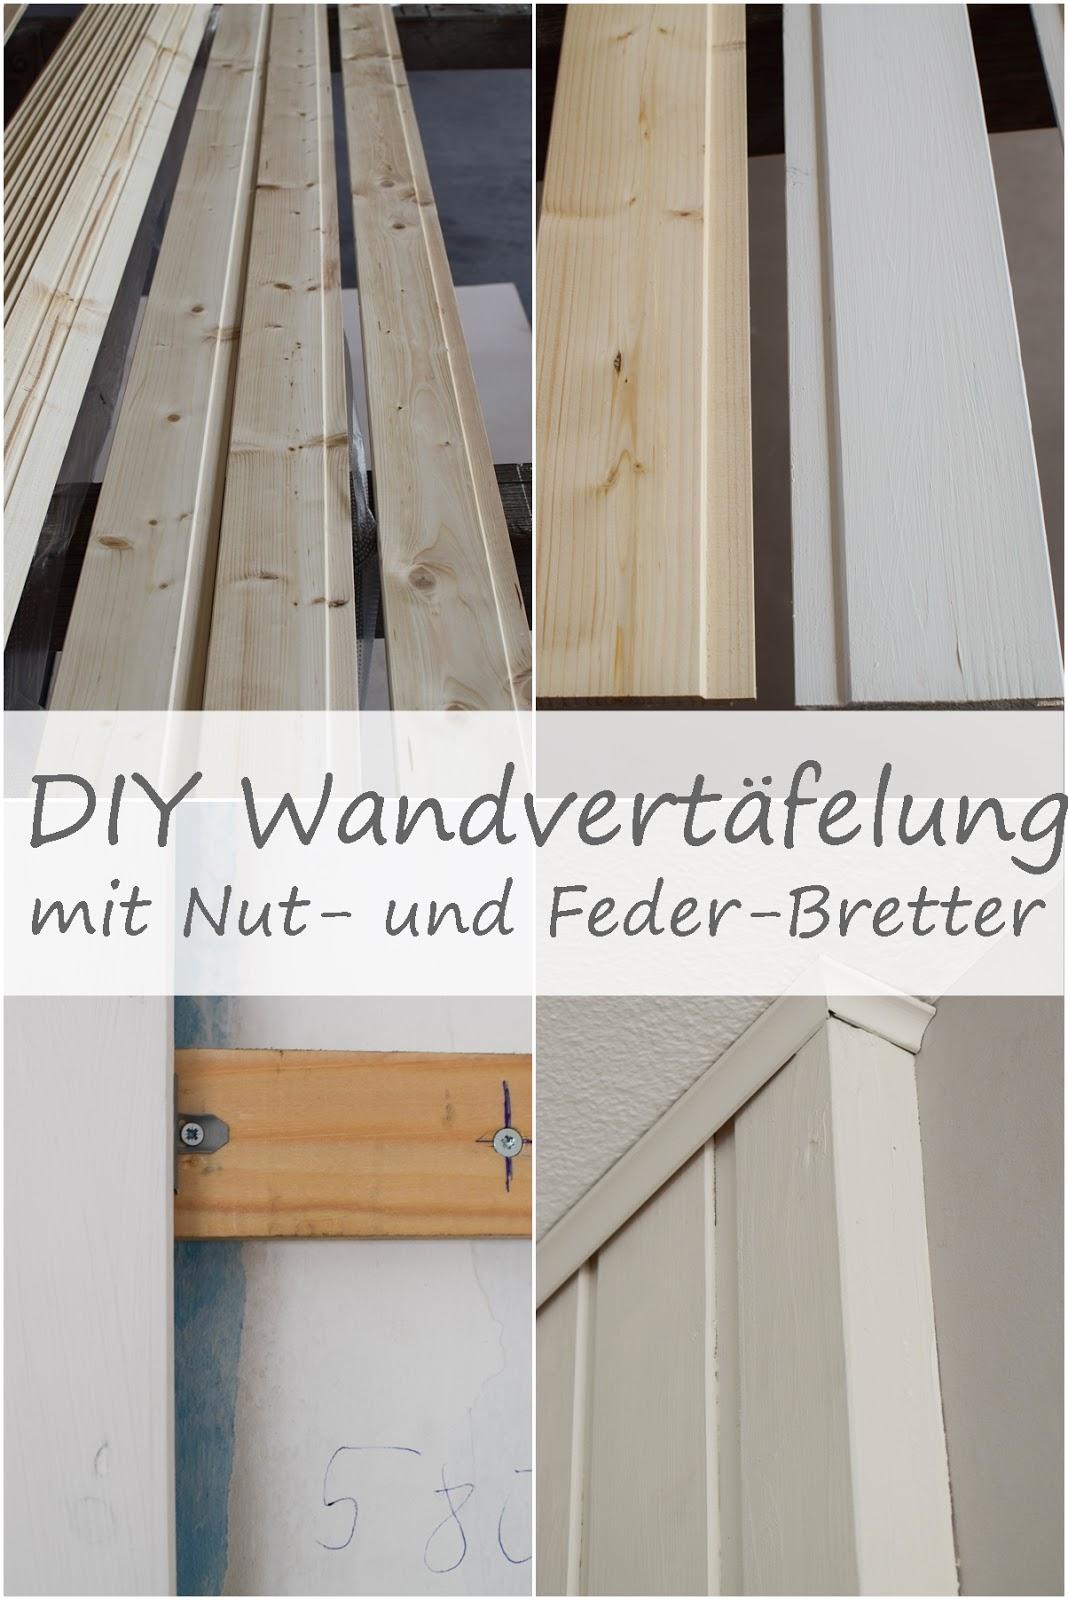 Wandverkleidung DIY aus Holz mit Nut und Federbretter Kreidefarbe von Painting the Past Renovierung Vertaefelung Beadboard selber machen